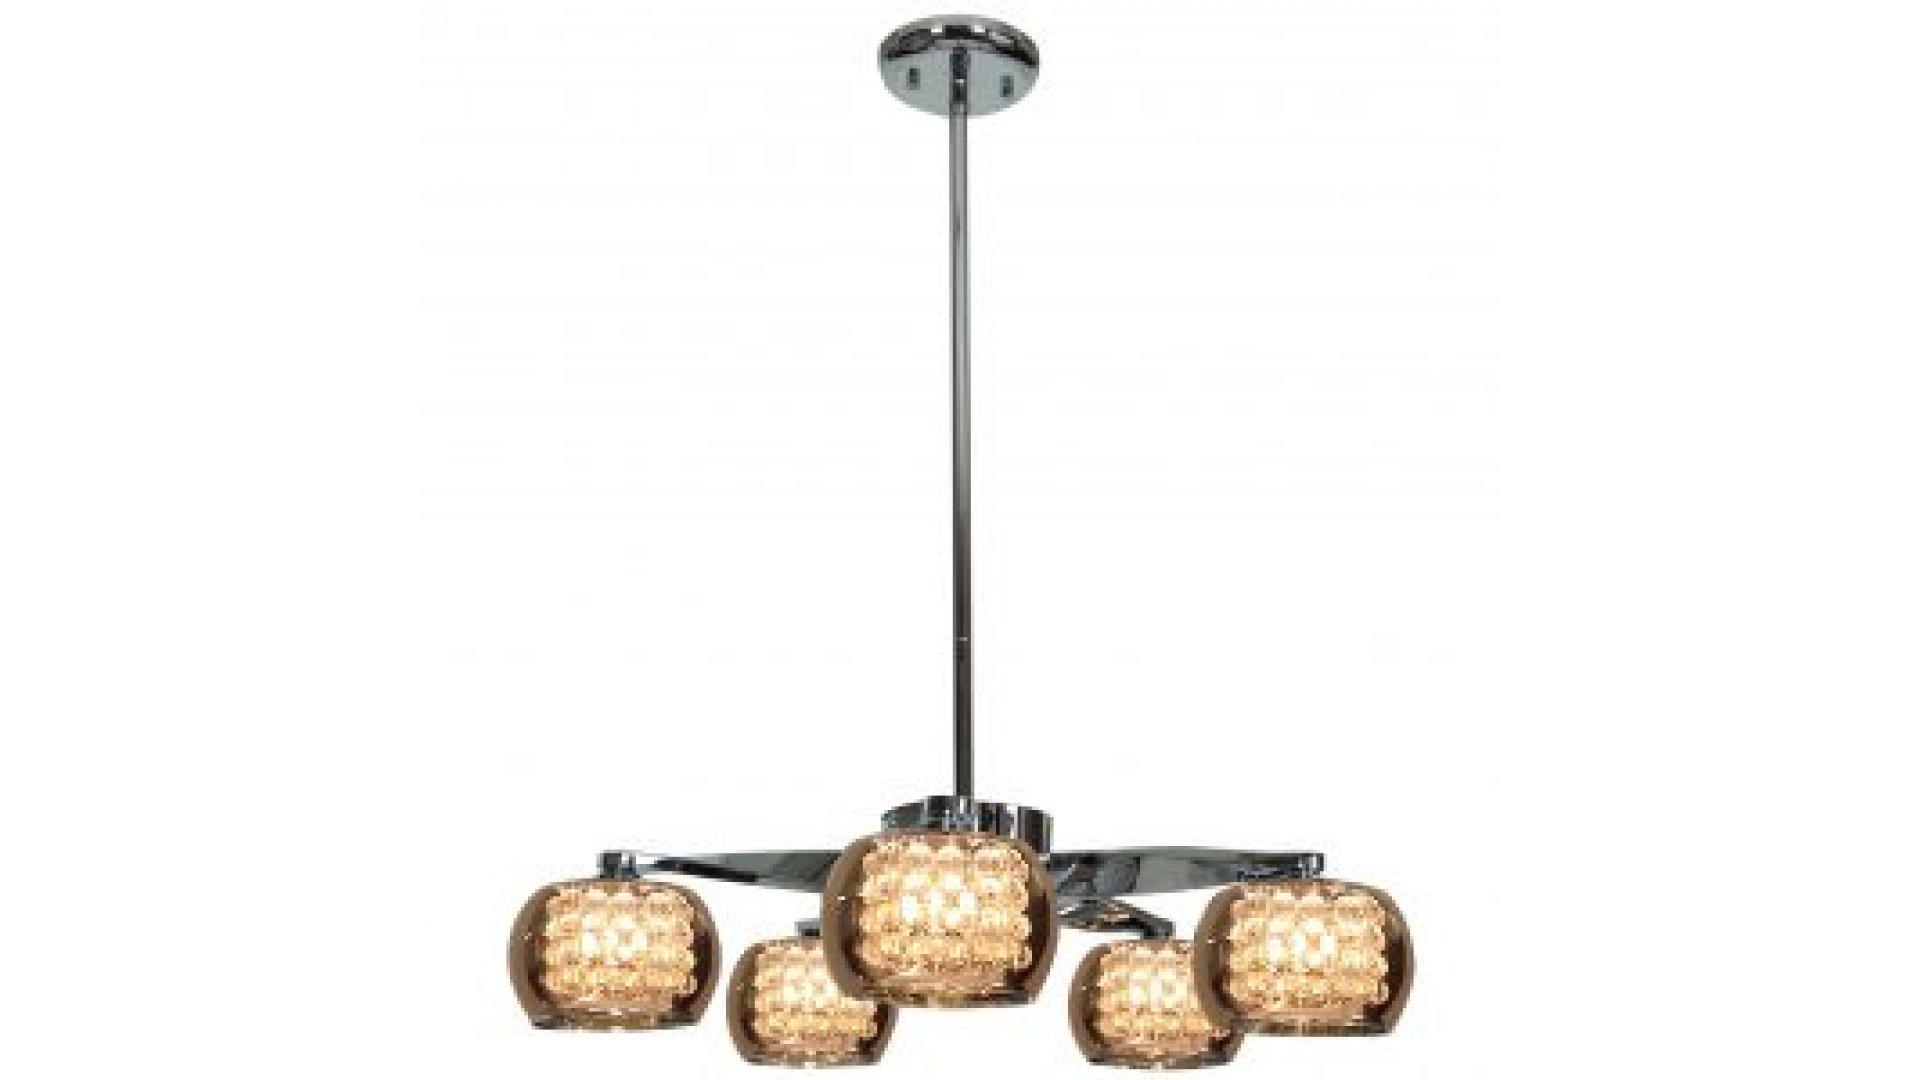 glam lighting. Access Lighting Model 52120LEDD-CH/MIR Glam LED Chandelier Chrome-Mirror  Finish Glam Lighting